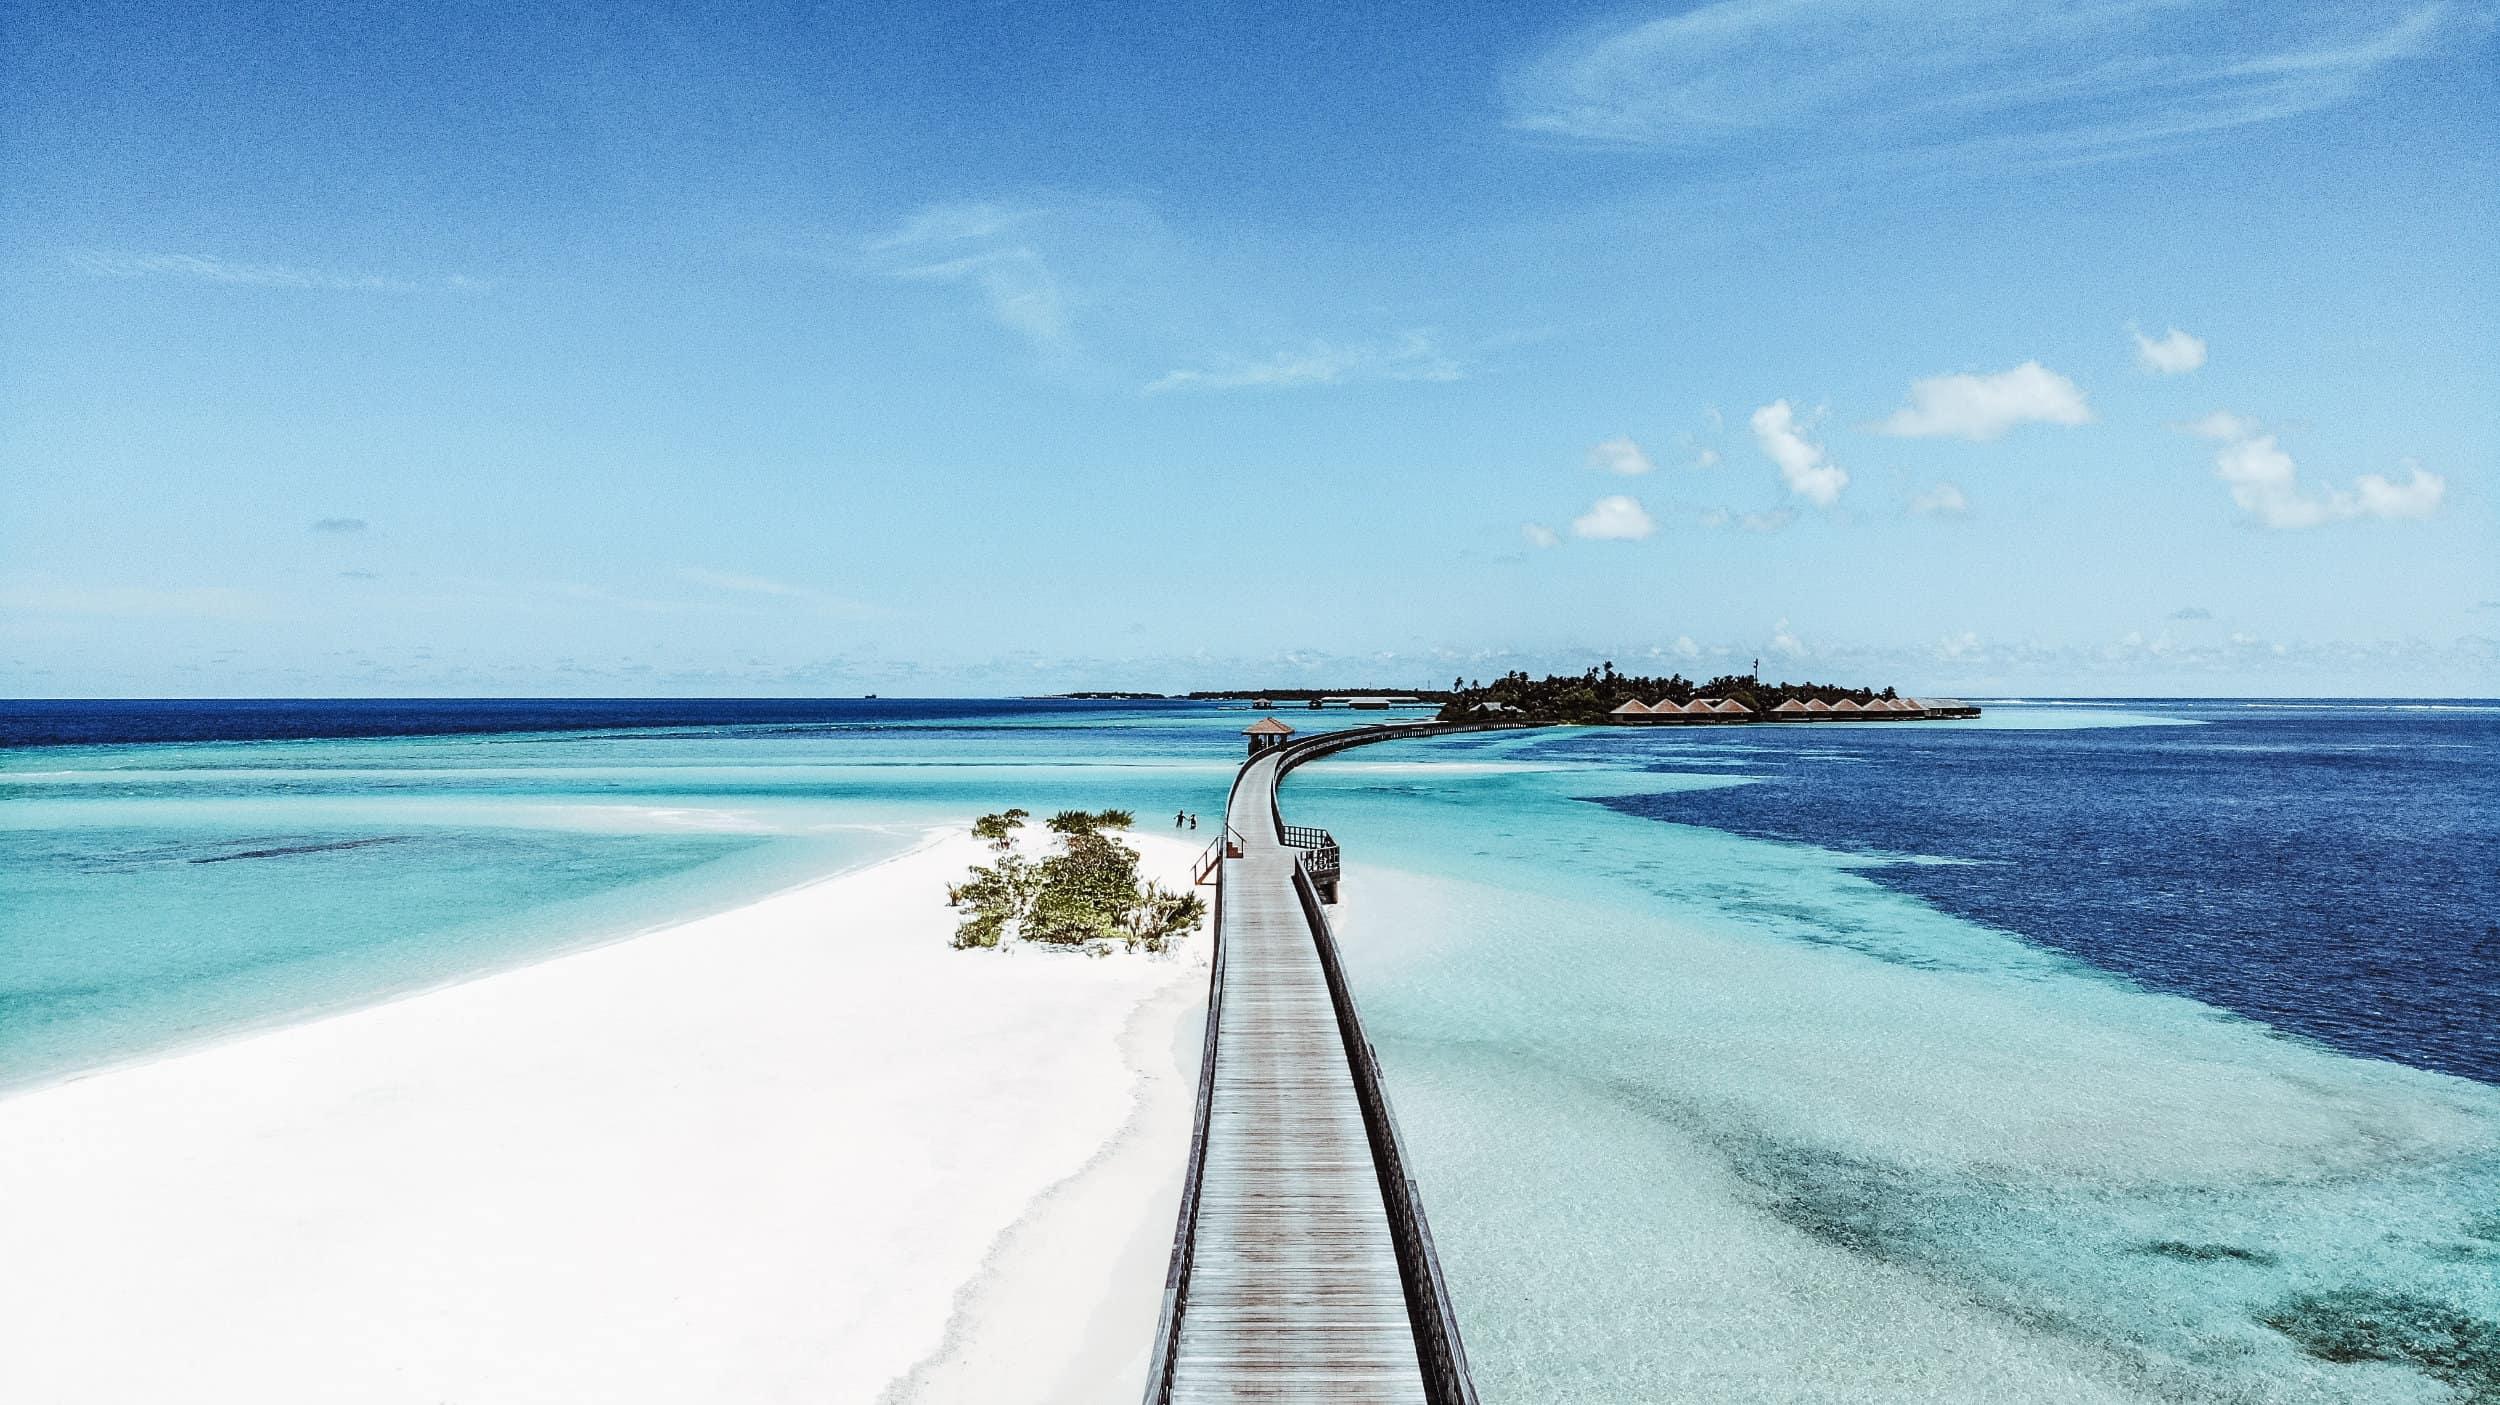 Steg zwischen den beiden The Residence Maldives Resorts